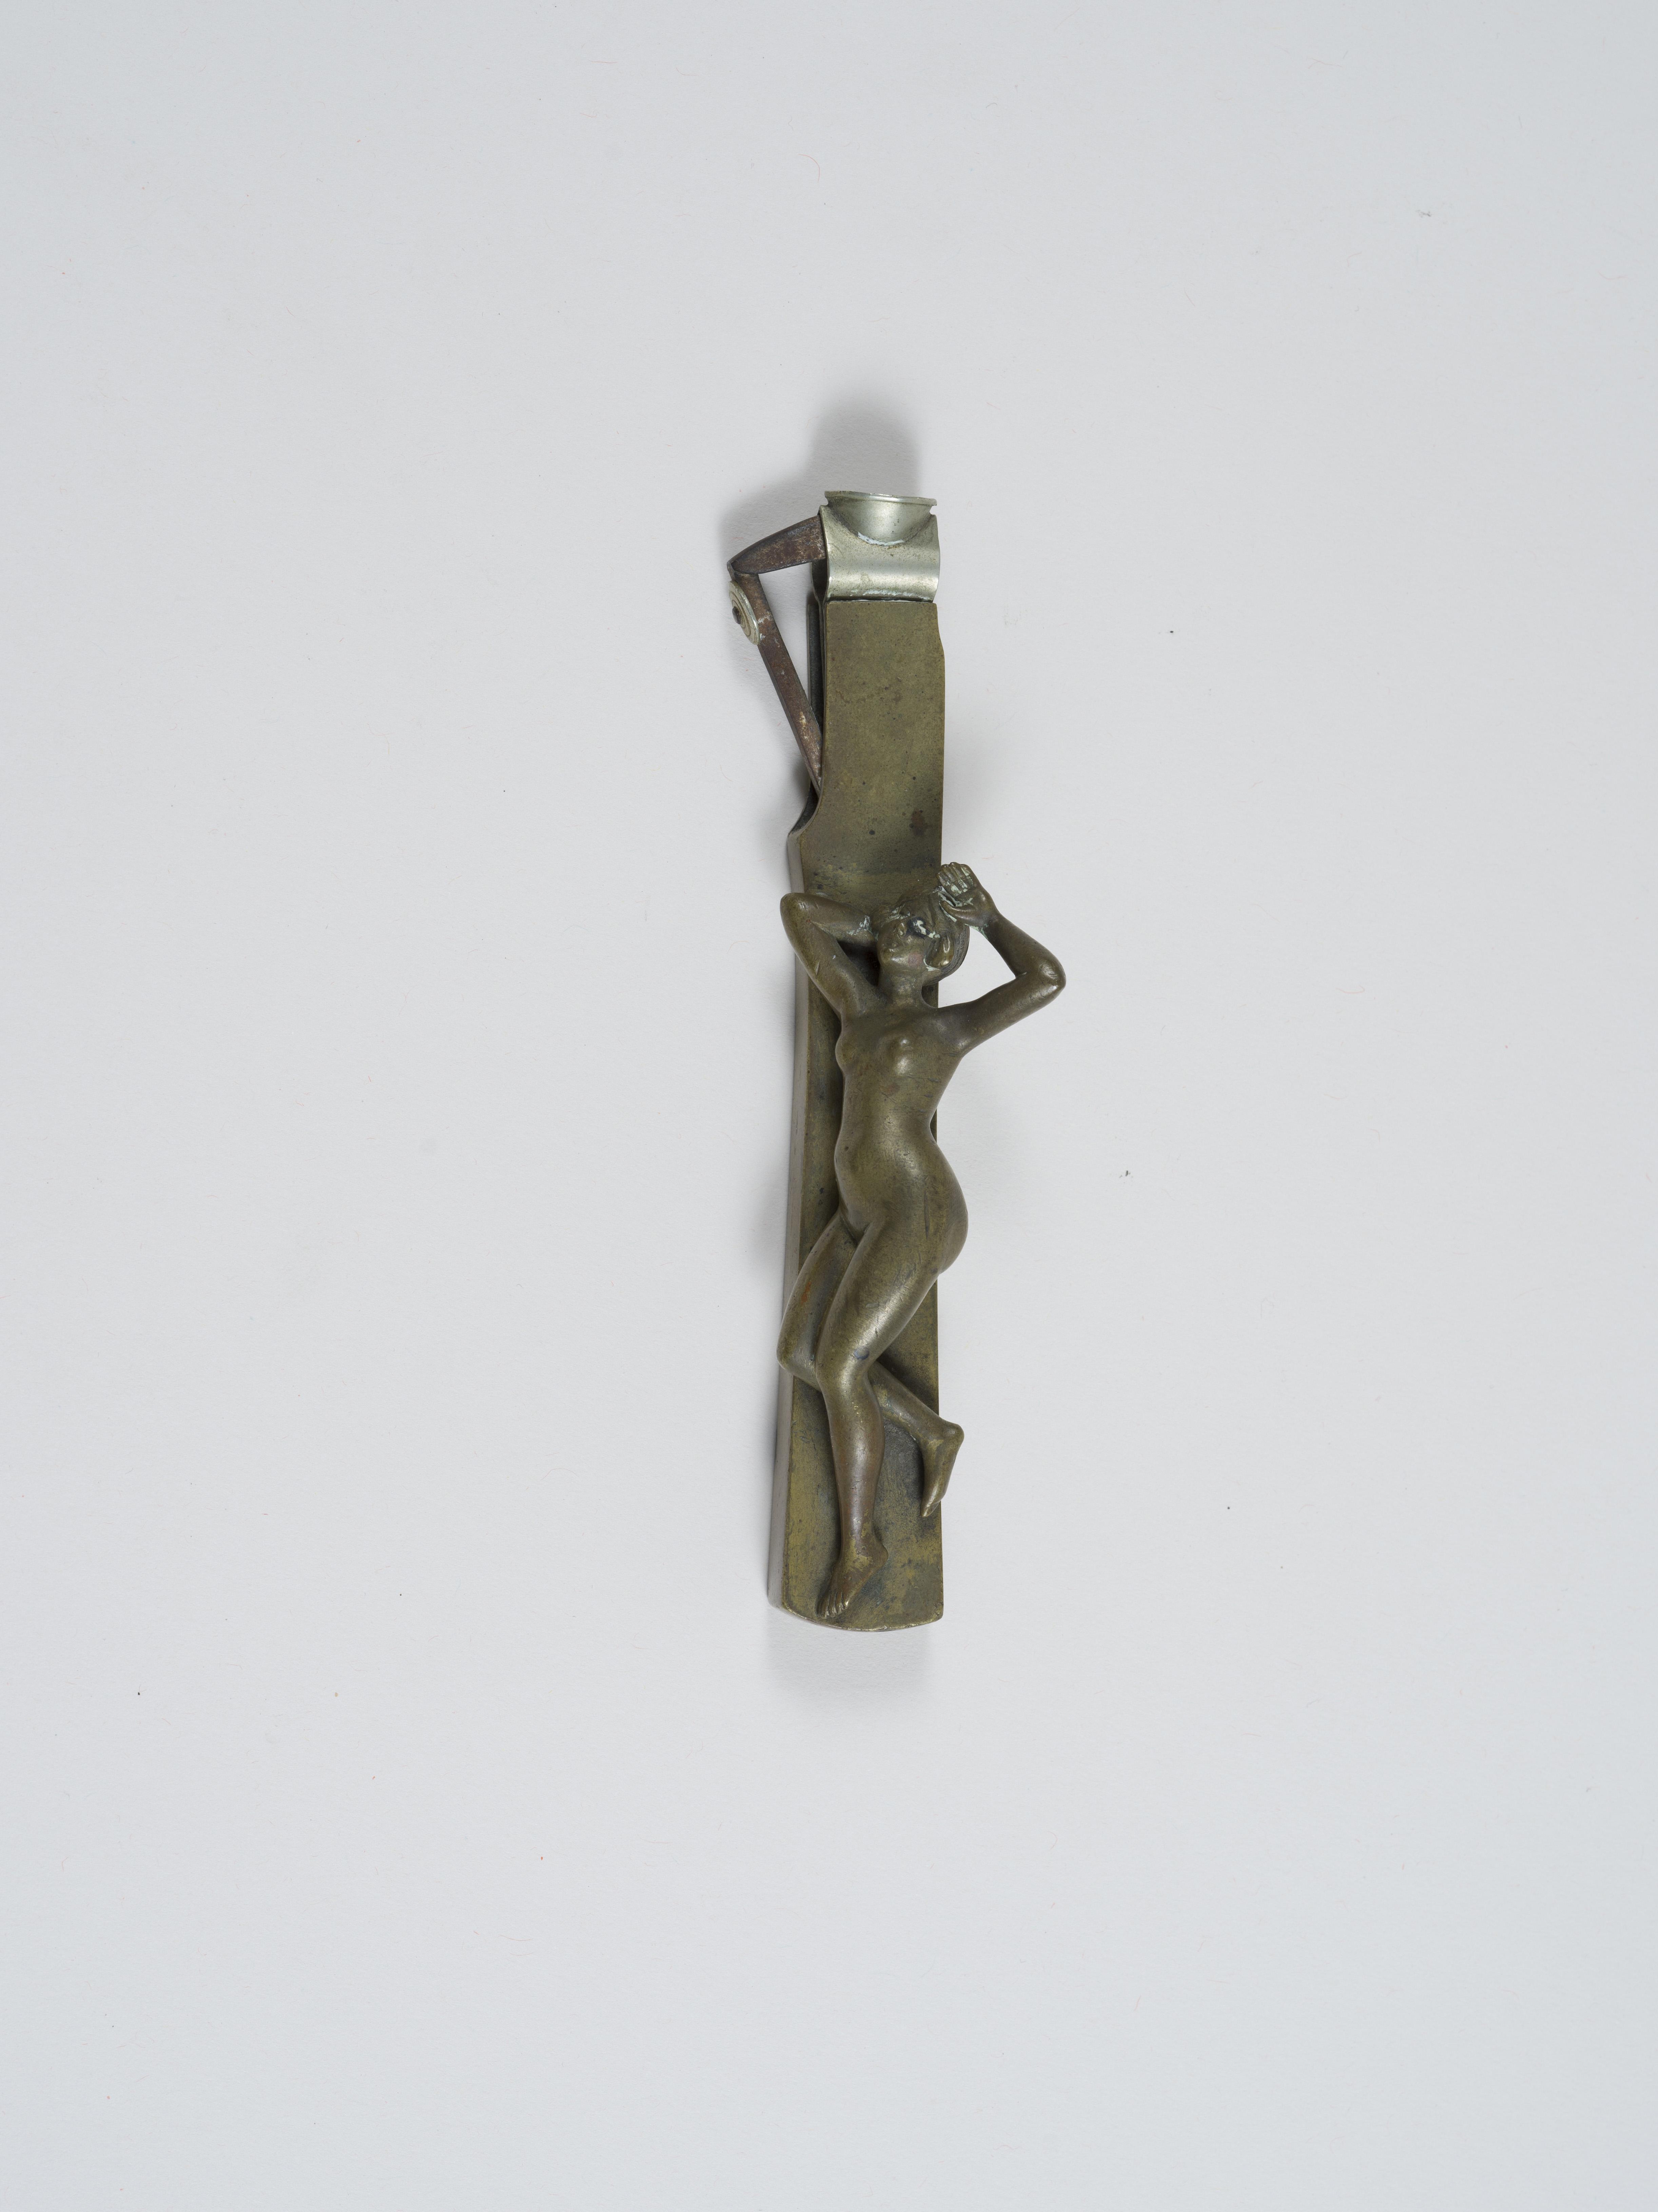 Lot 38 - Erotica - Coupe cigare en bronze figurant une jeune femme nue allongée les bras [...]